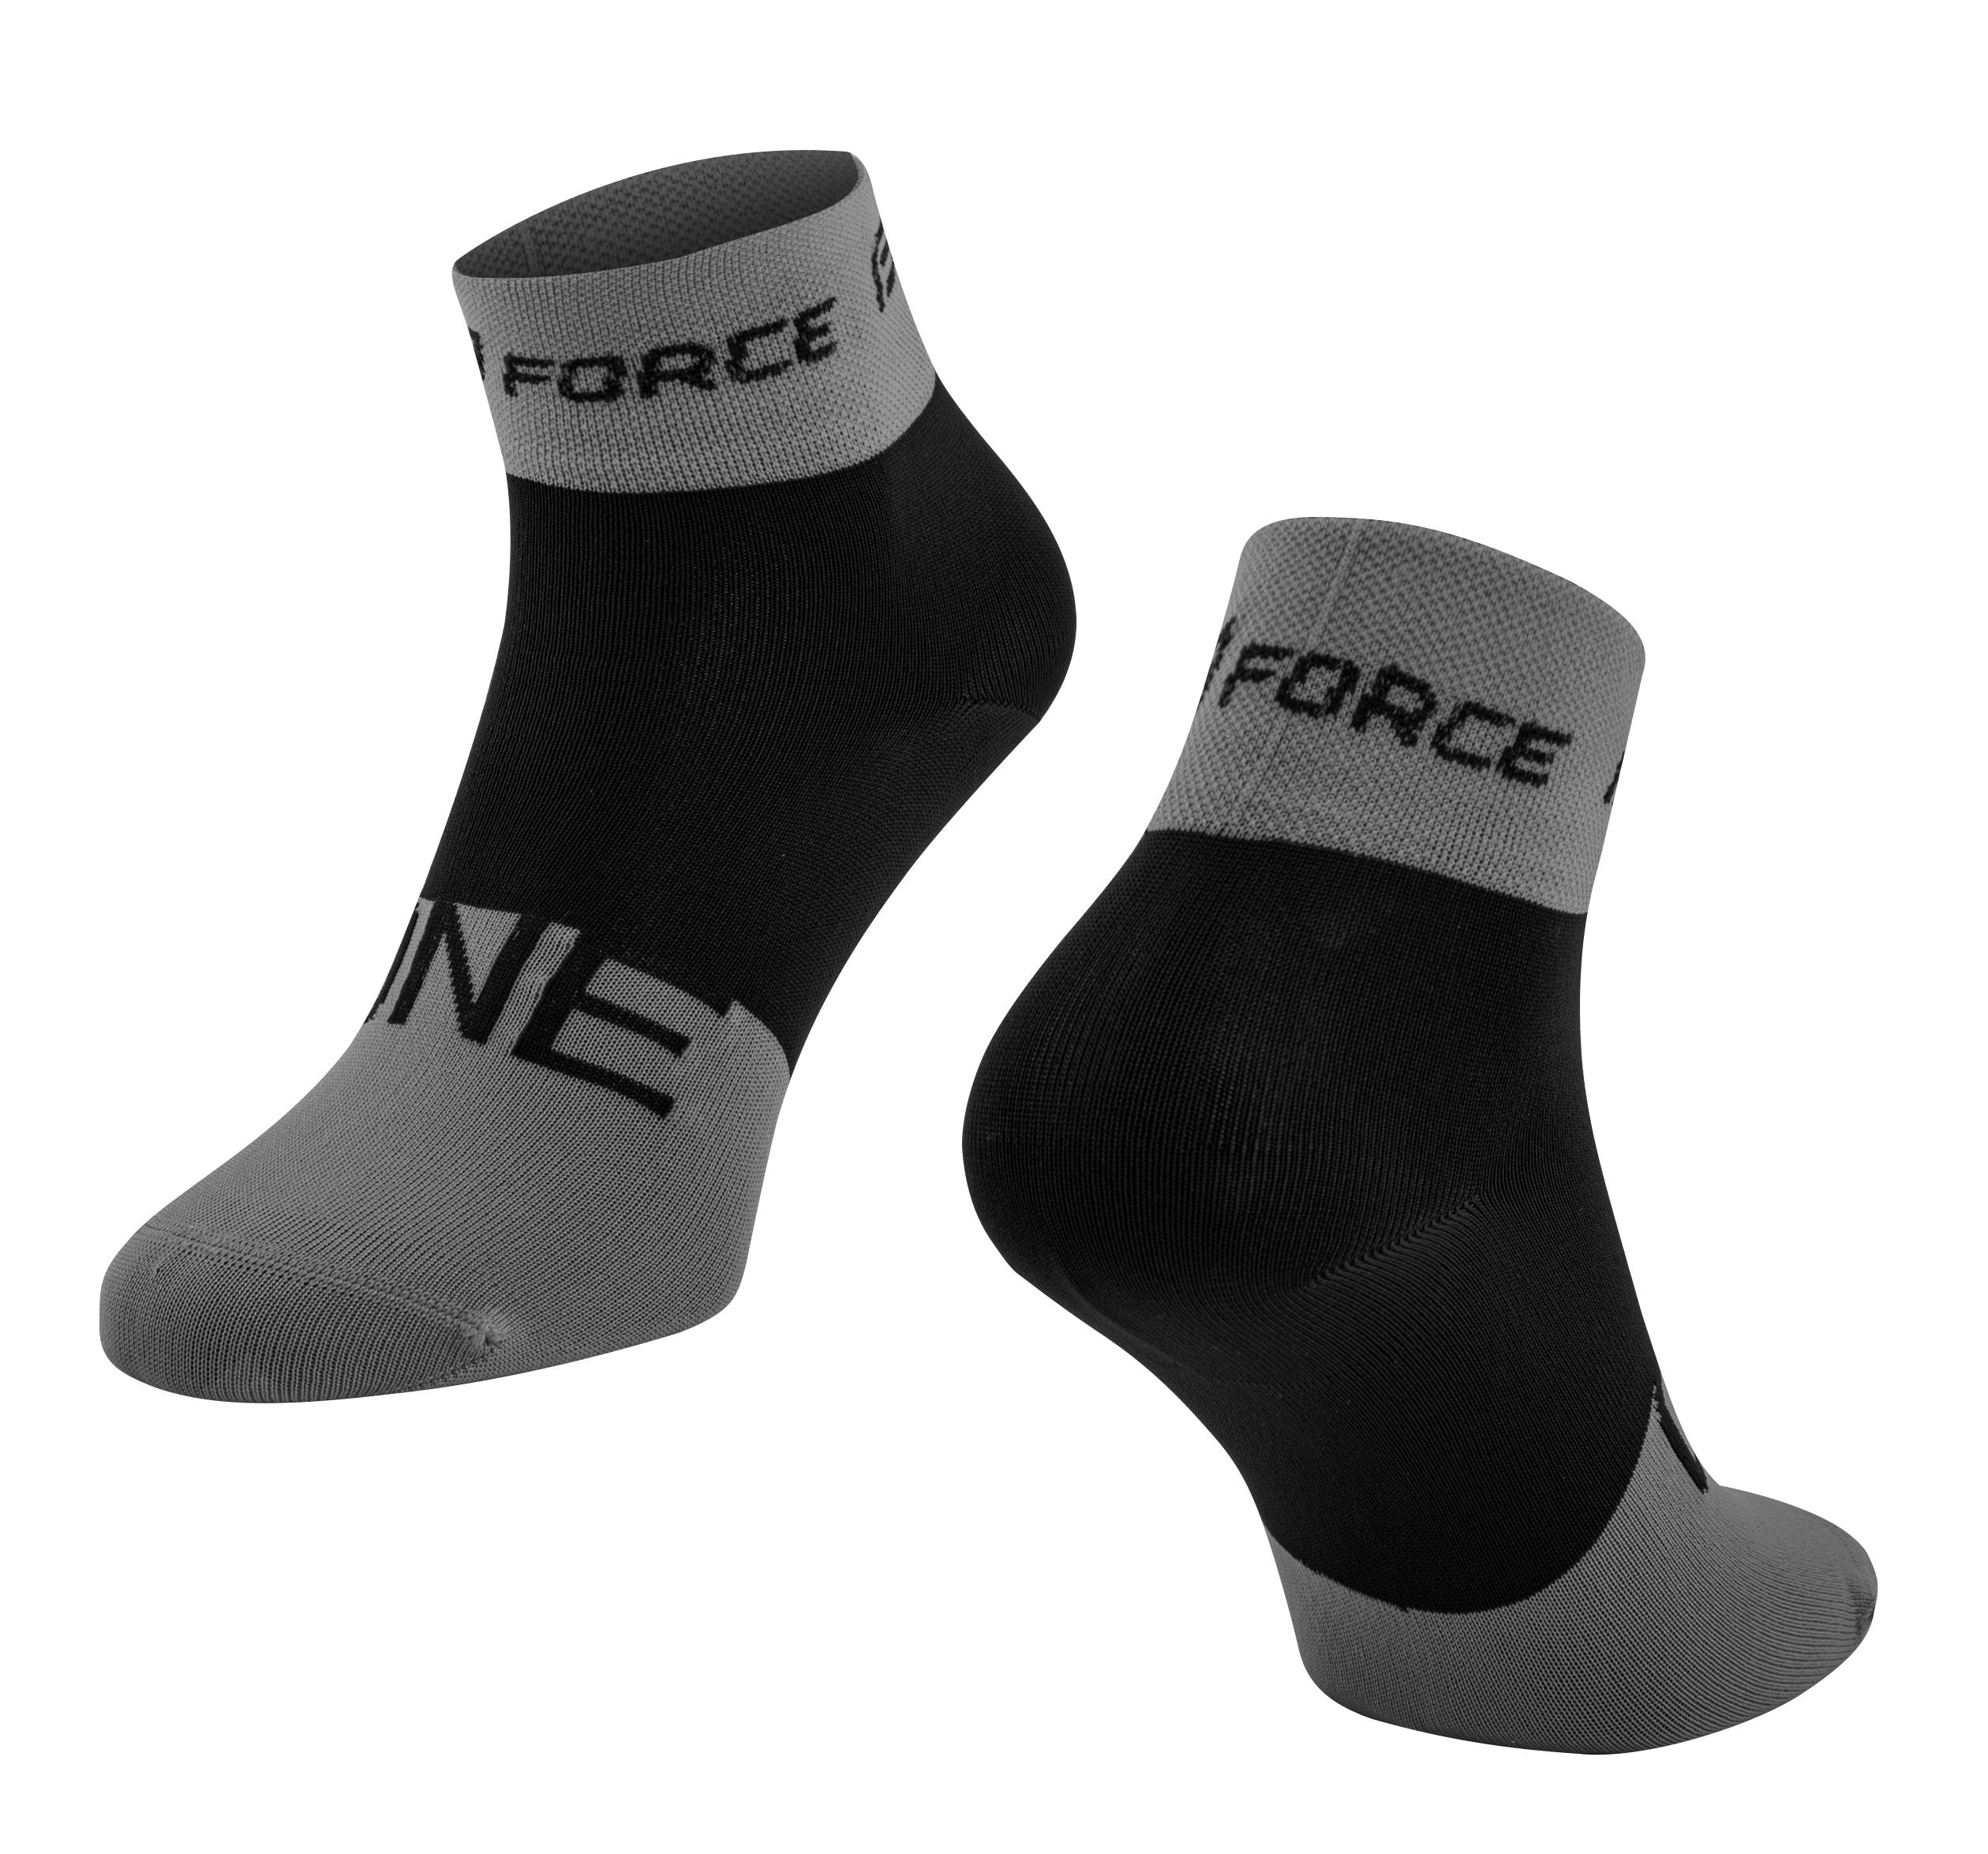 ponožky FORCE ONE, šedo-černé S-M/36-41